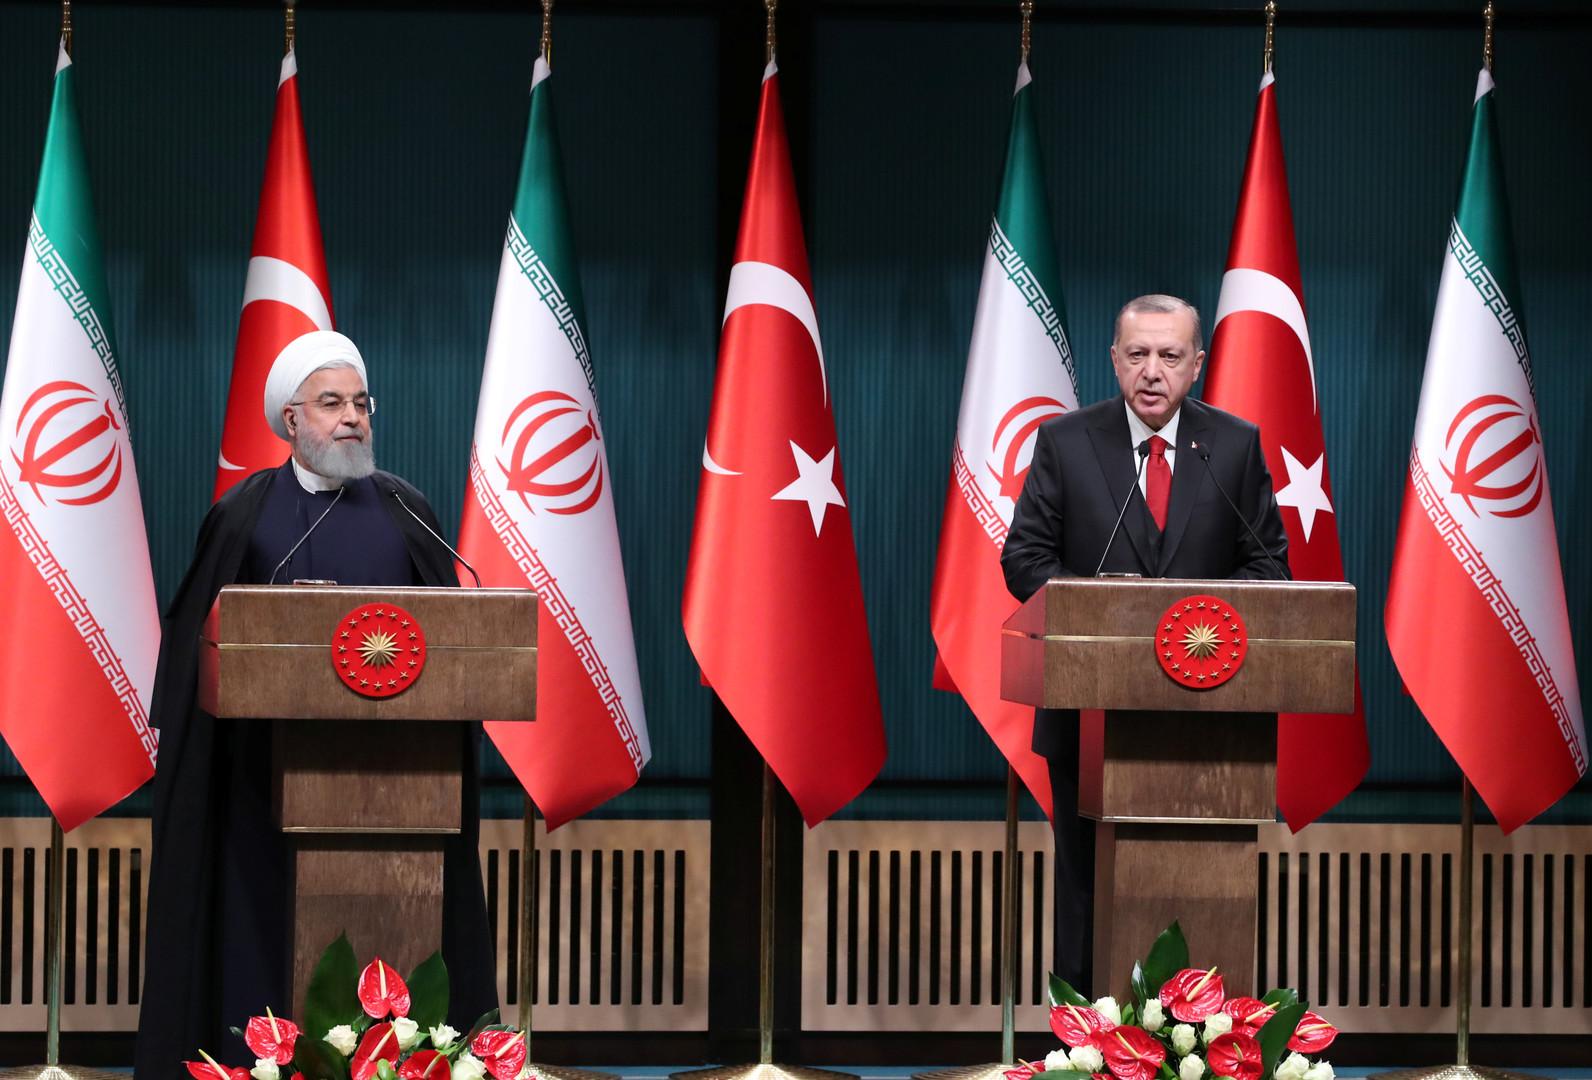 أردوغان وروحاني يتفقان على تعزيز التعاون لتسوية الأزمات في دول إسلامية